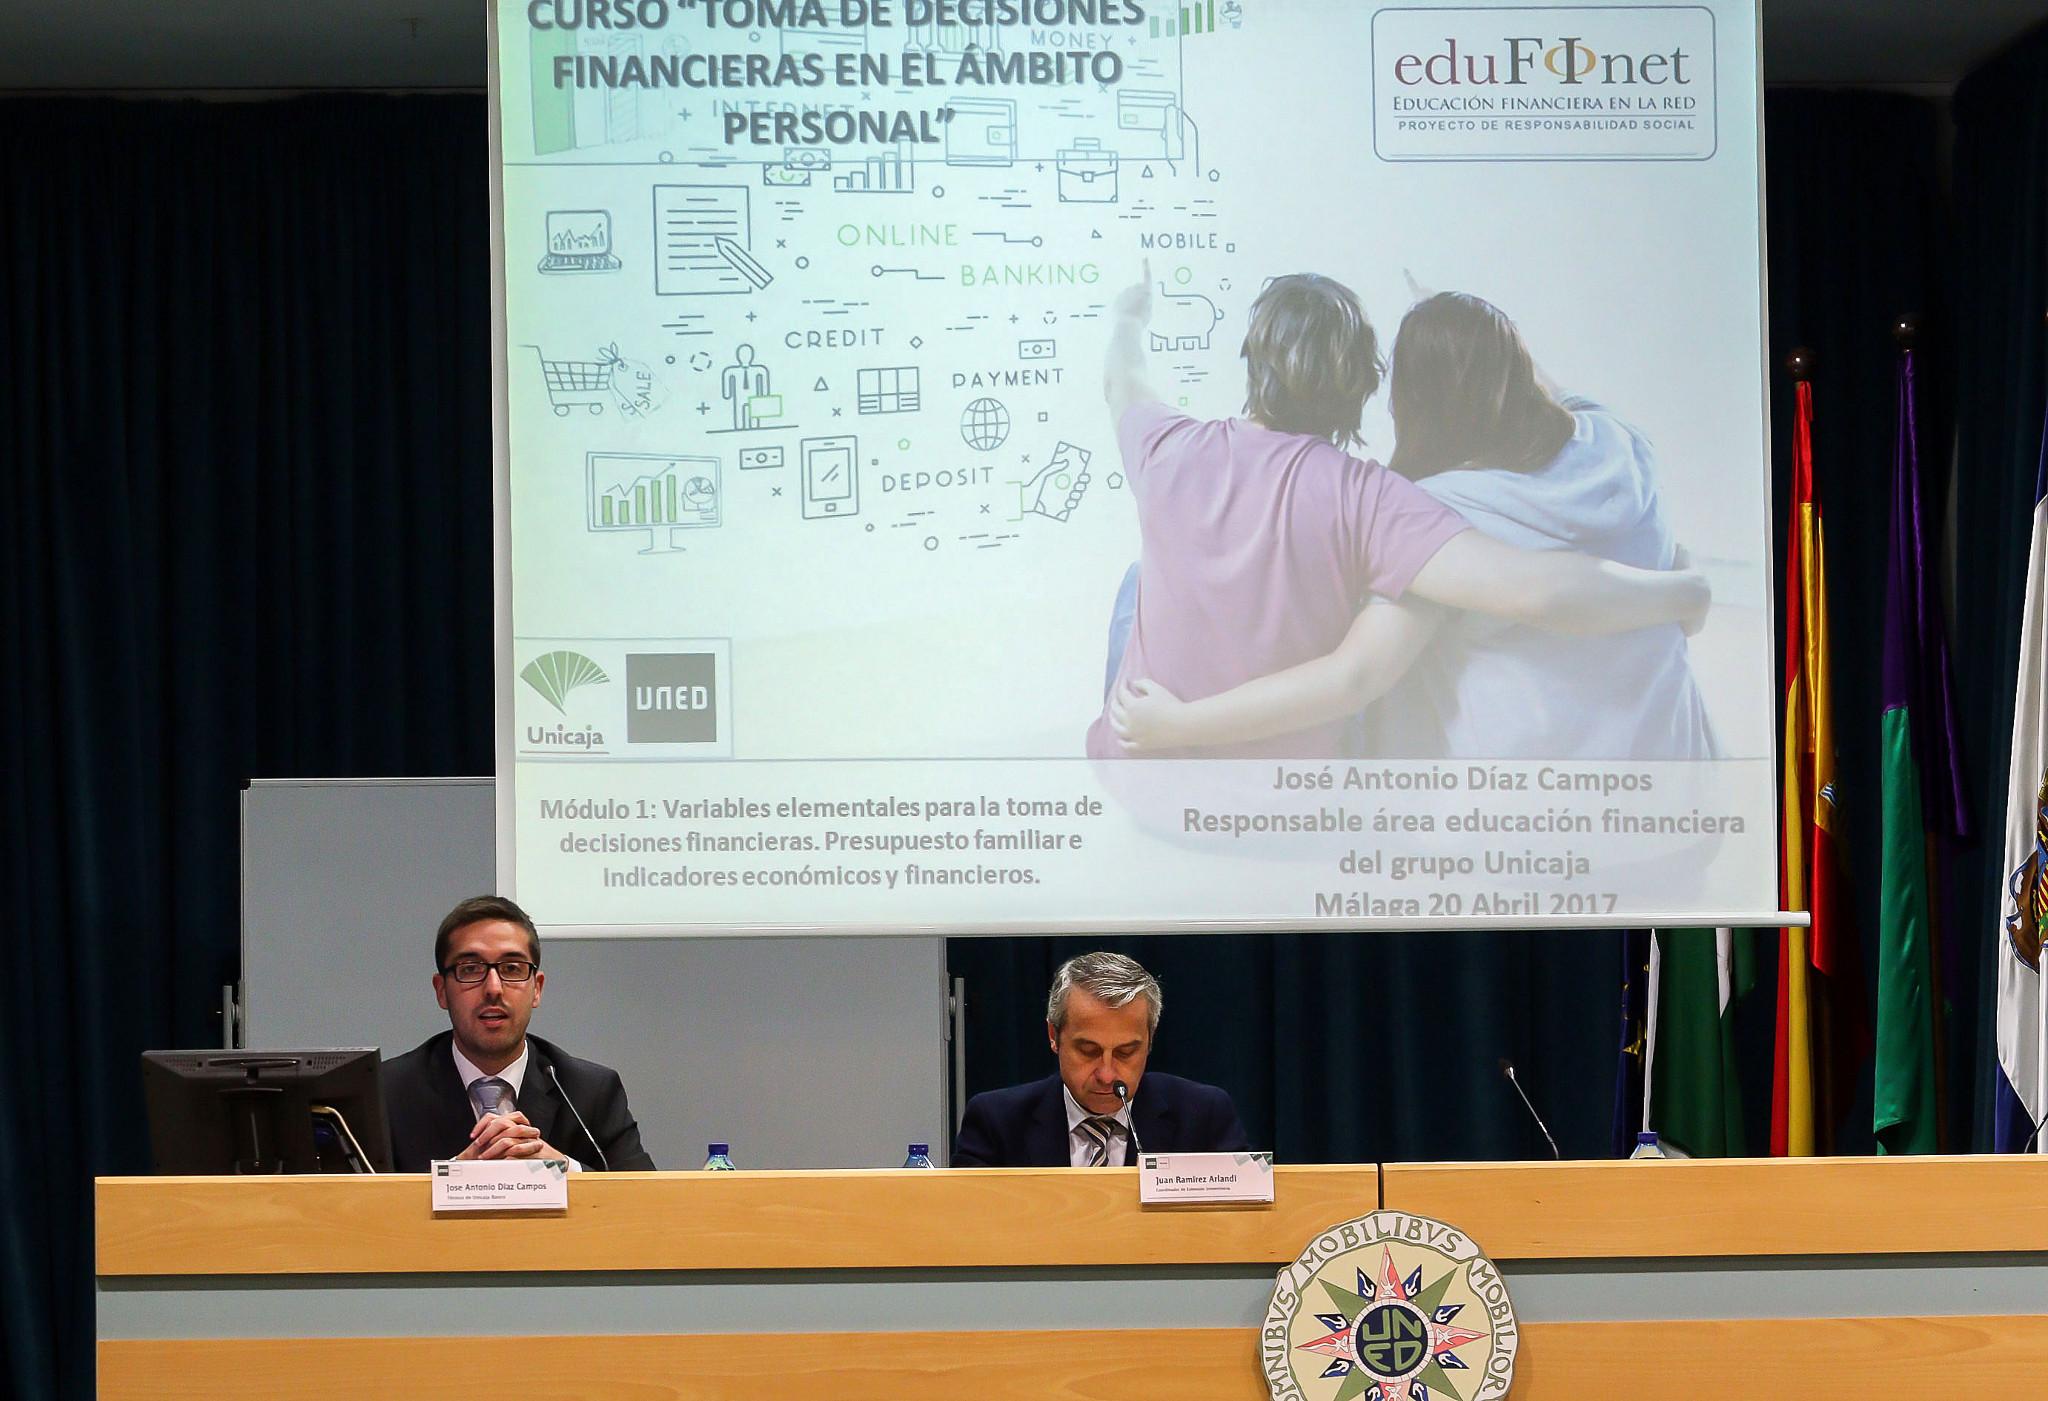 Unicaja facilita a más de 300 universitarios de la UNED de Málaga y de la UAL las claves para desenvolverse con autonomía en el ámbito financiero